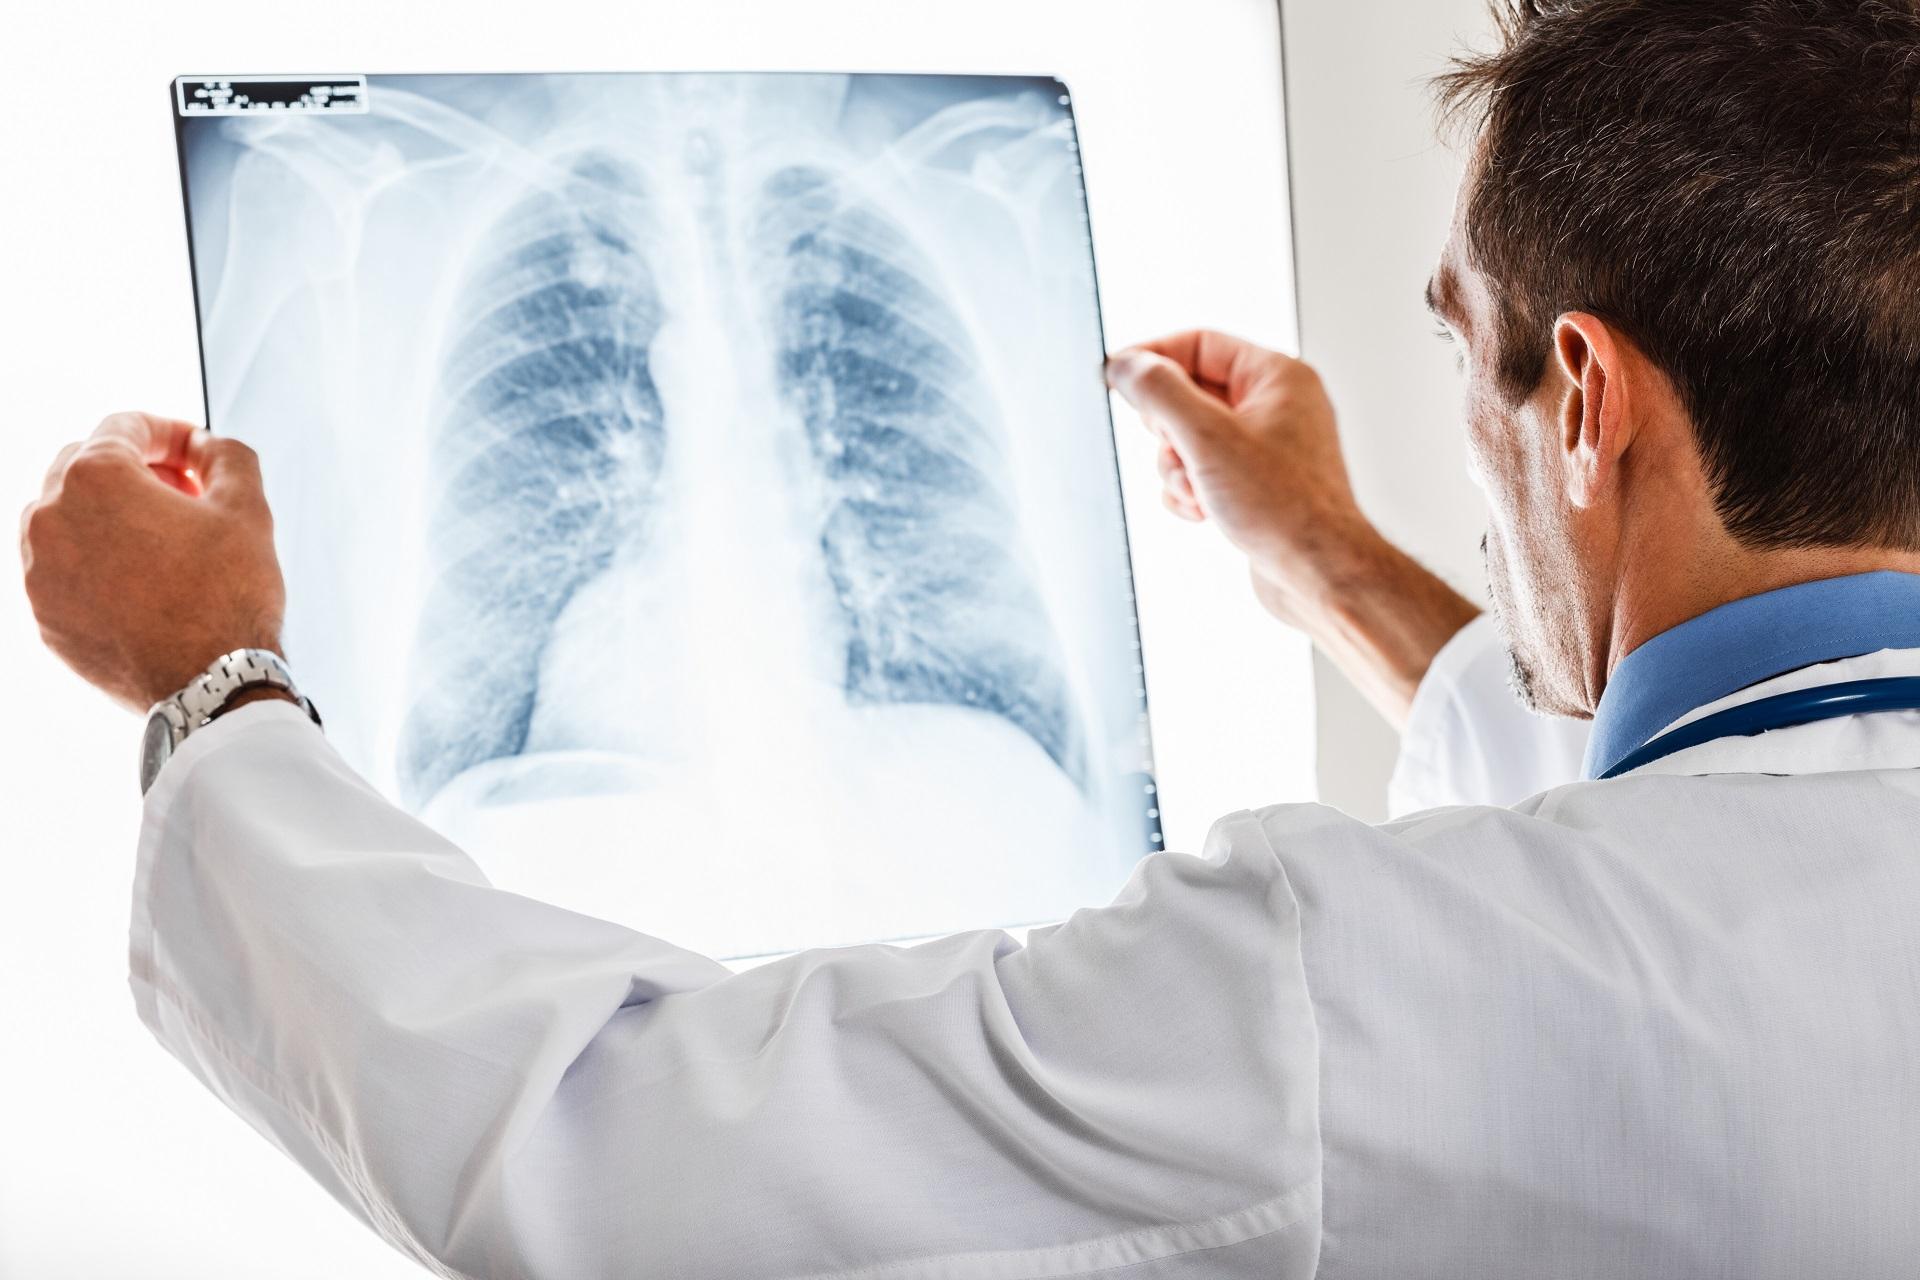 Síndrome de Kartagener, discinesia ciliar primária:infeções respiratórias, inversão dos órgãos, situs inversus totalis e dificuldade para engravidar